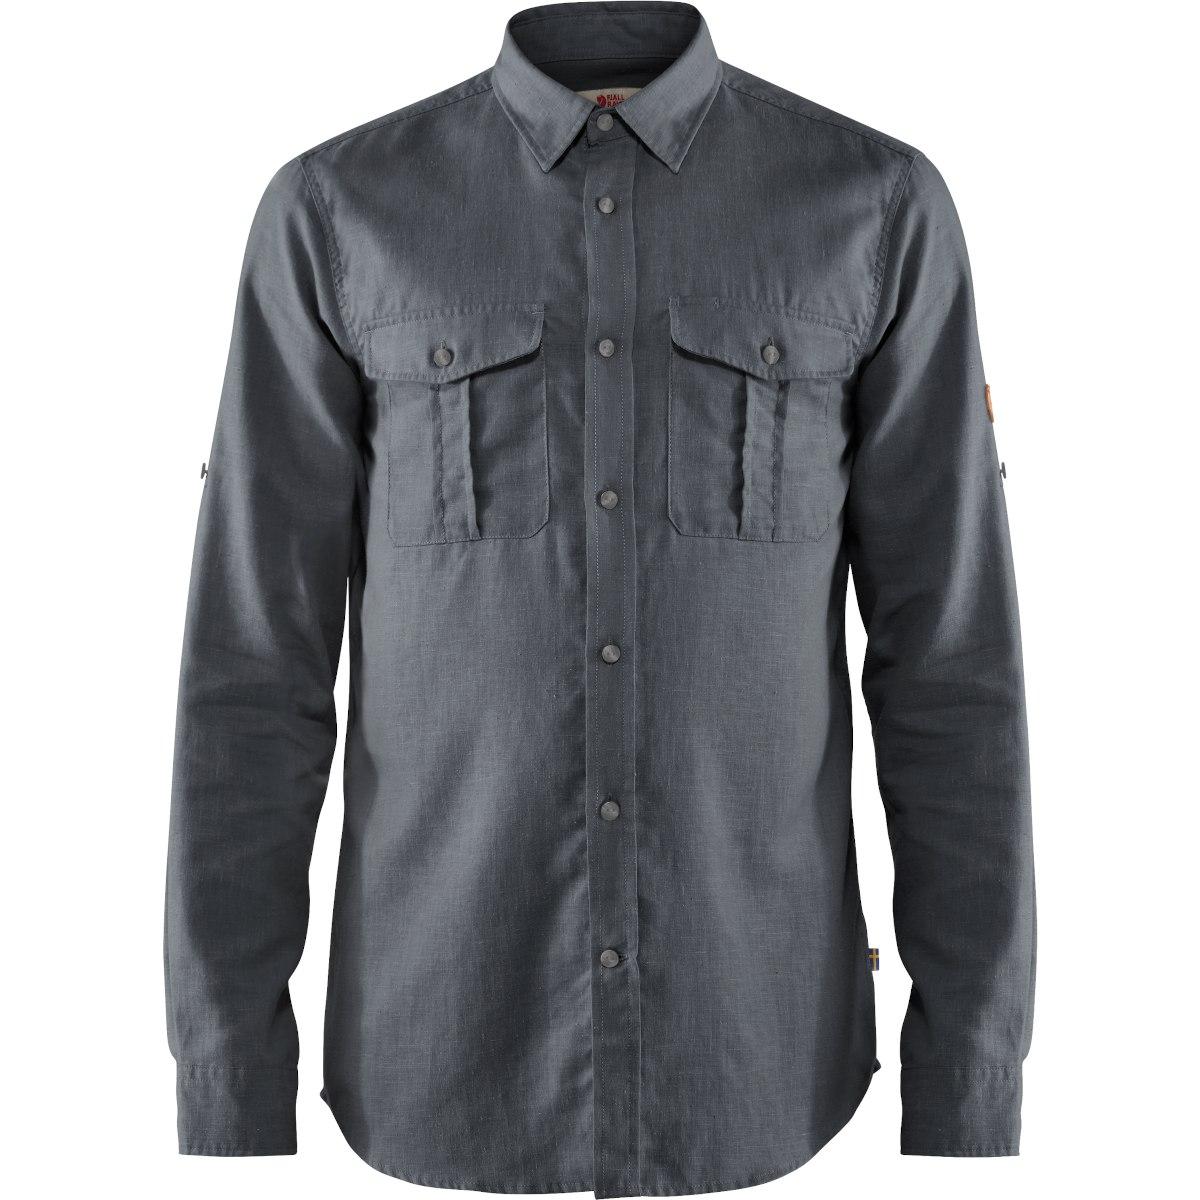 Fjällräven Övik Travel Long Sleeve Shirt - dusk